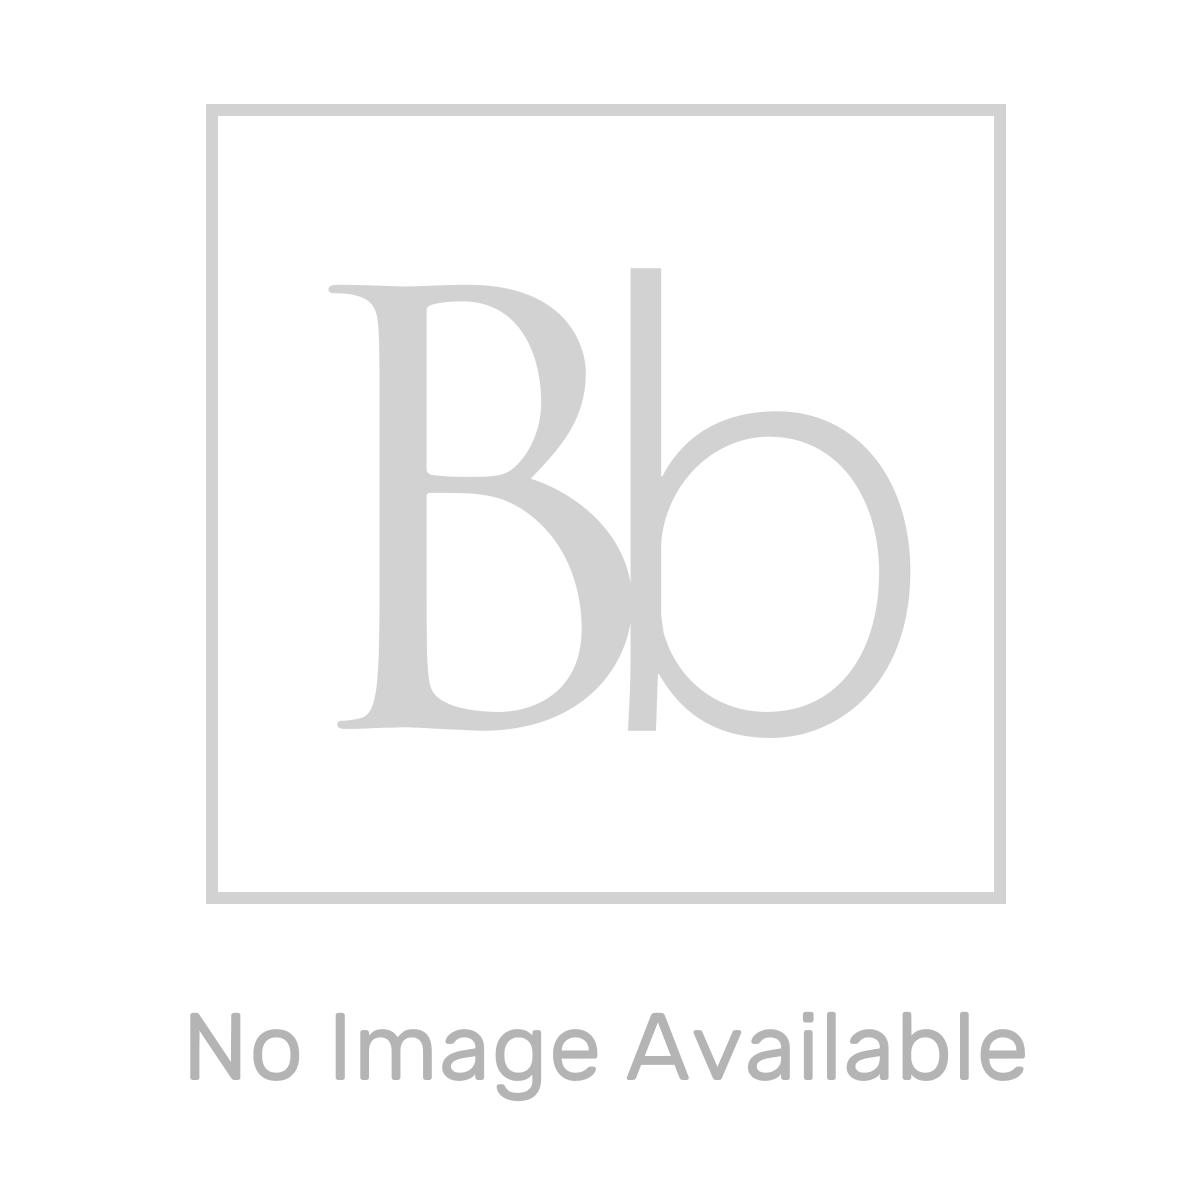 Aquadart Aqualavo White Slate Quadrant Shower Tray 900 x 900